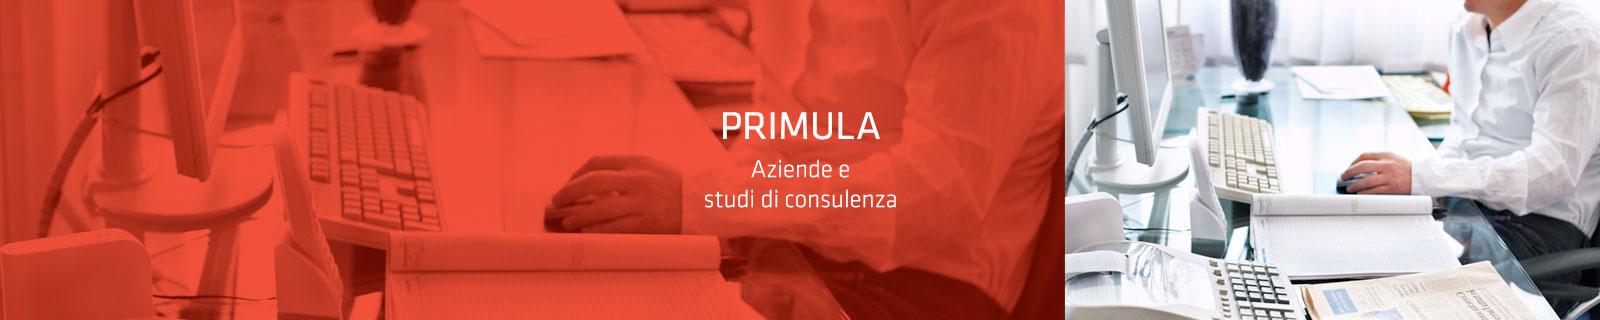 banner_primula